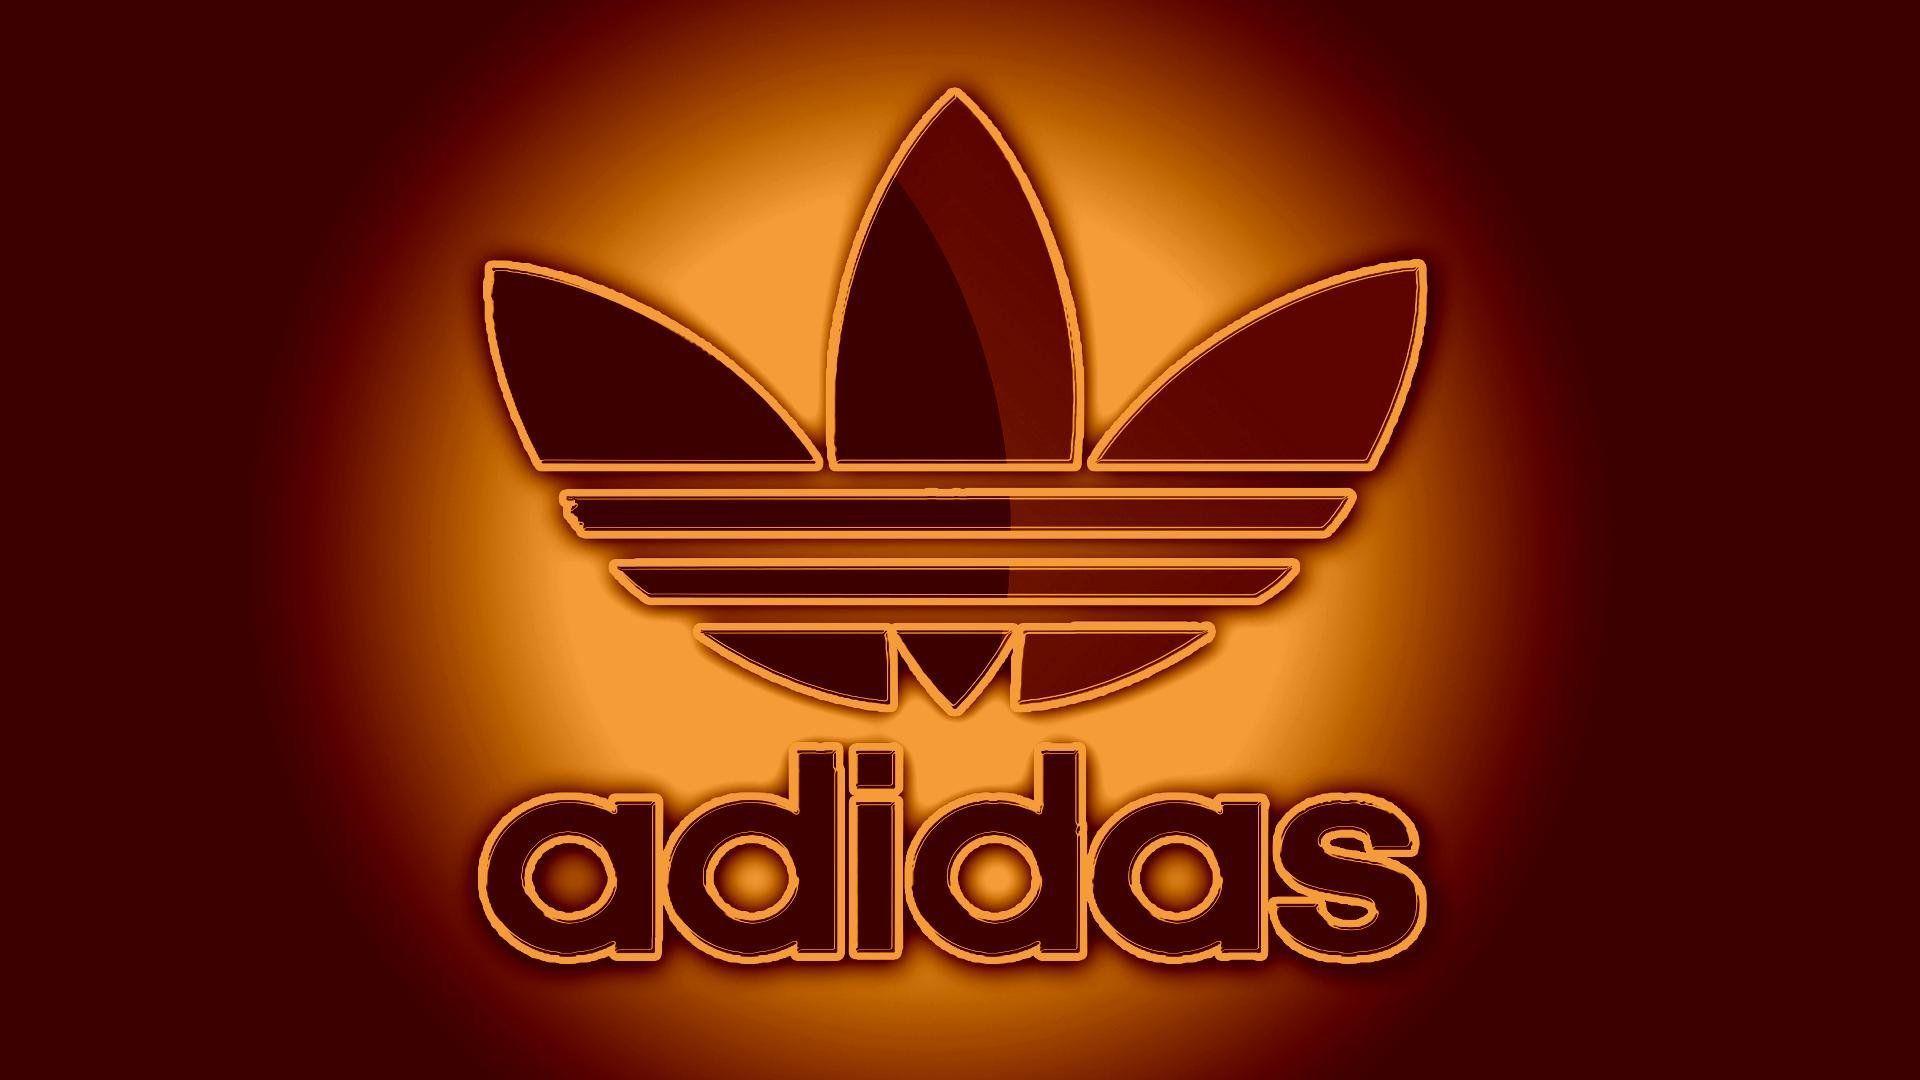 danés Vuelo demostración  Adidas Logo Wallpapers - Top Free Adidas Logo Backgrounds ...